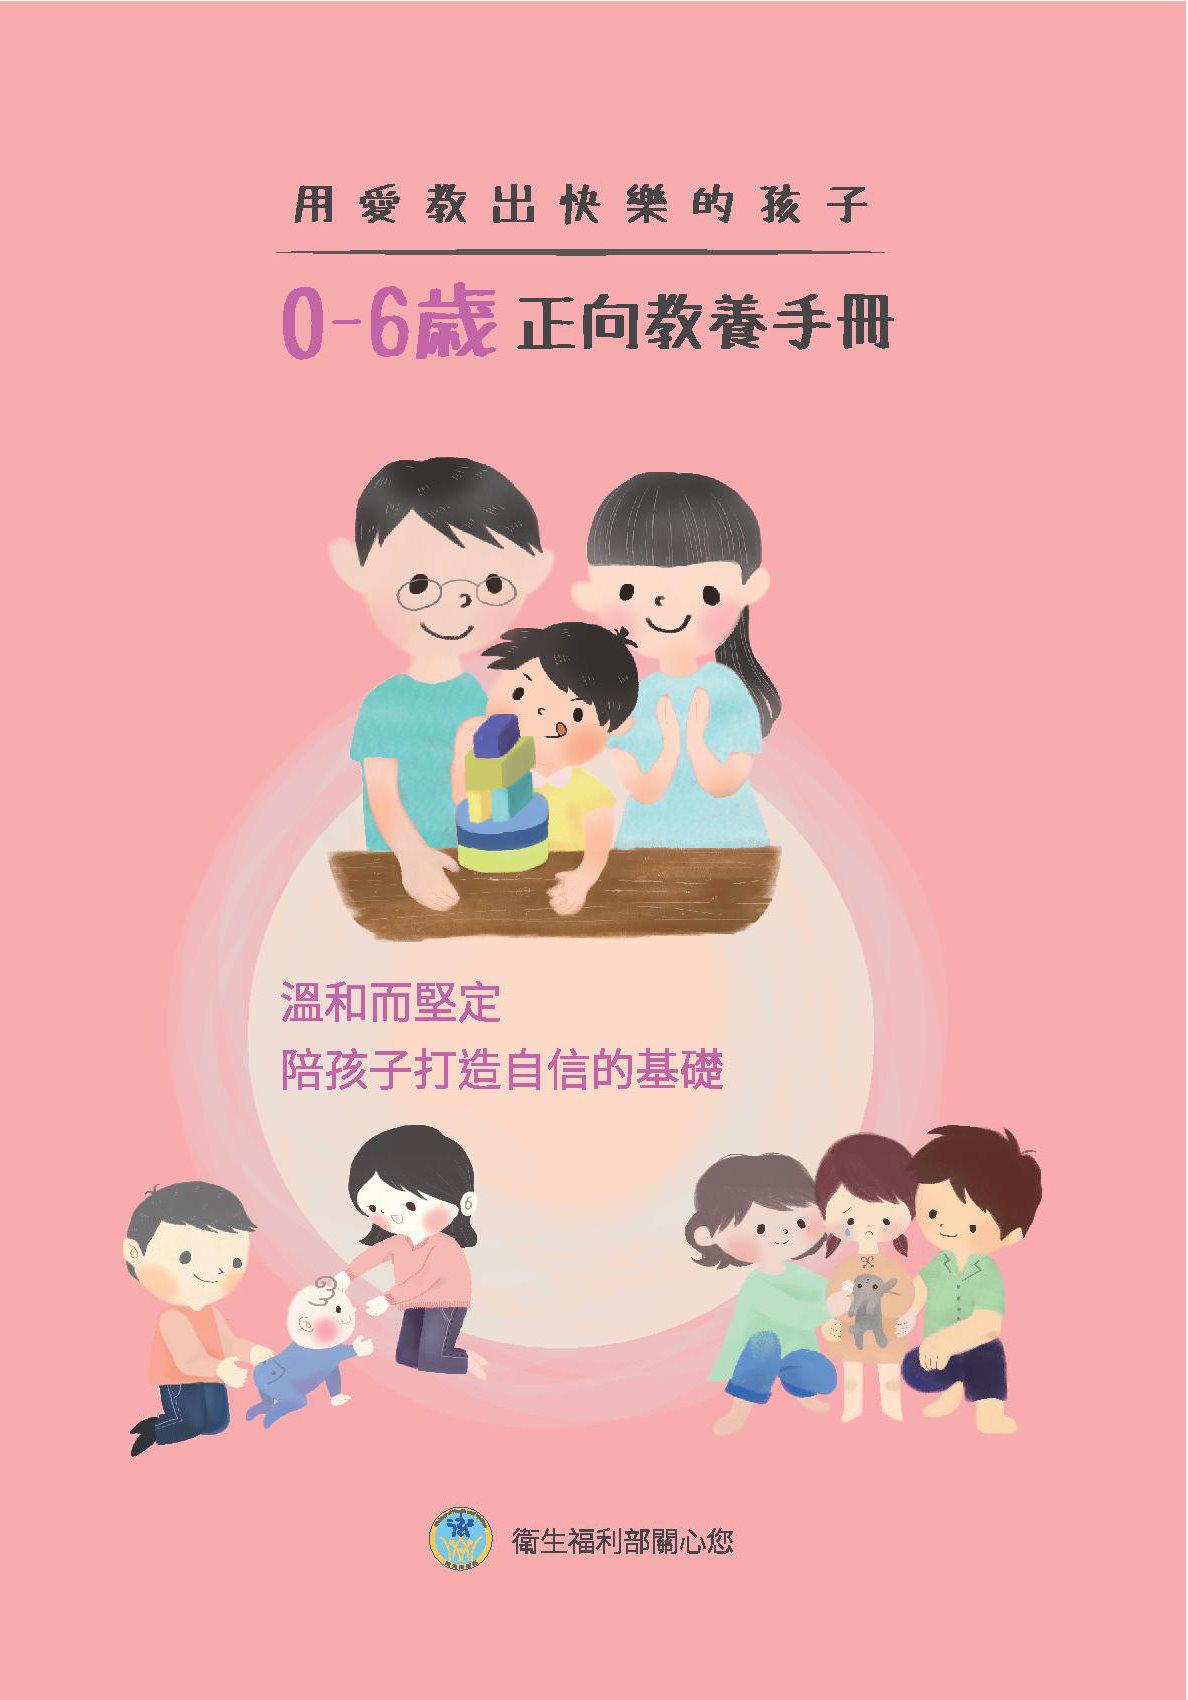 用愛教出快樂的孩子-0-6歲正向教養手冊